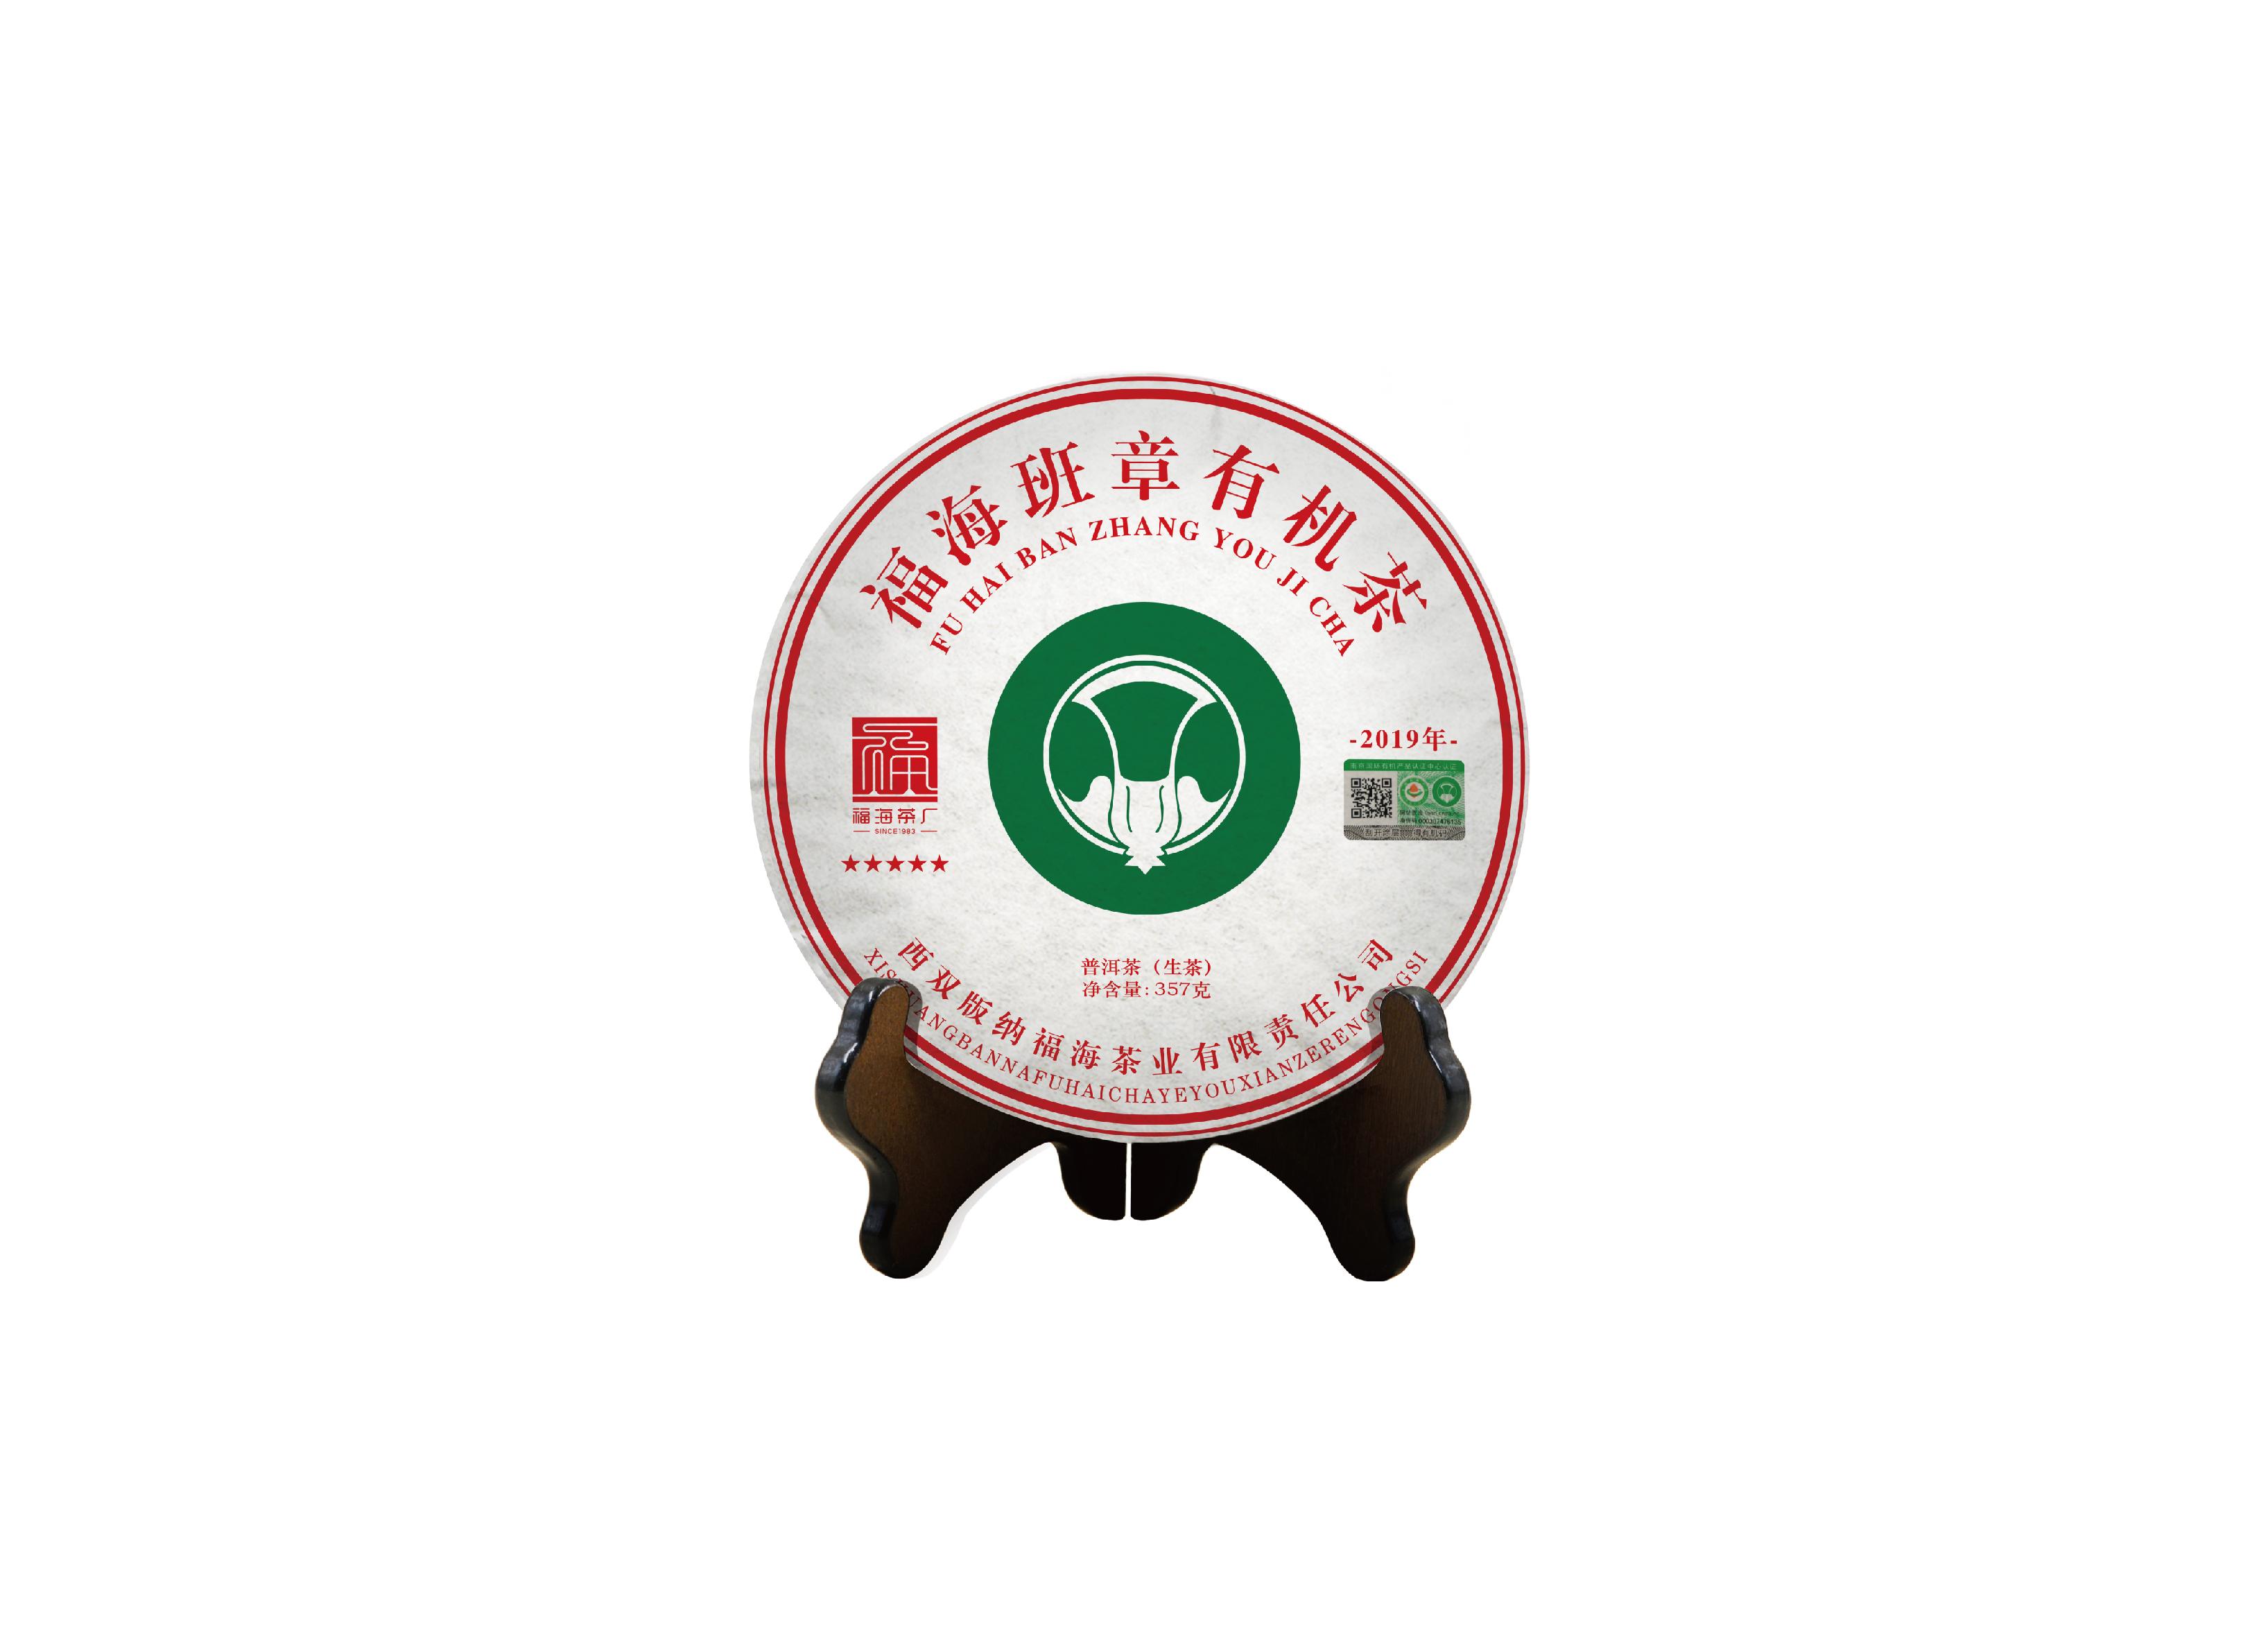 福海勐海县福海茶厂_福海有机系列 - 勐海县福海茶厂官方网站